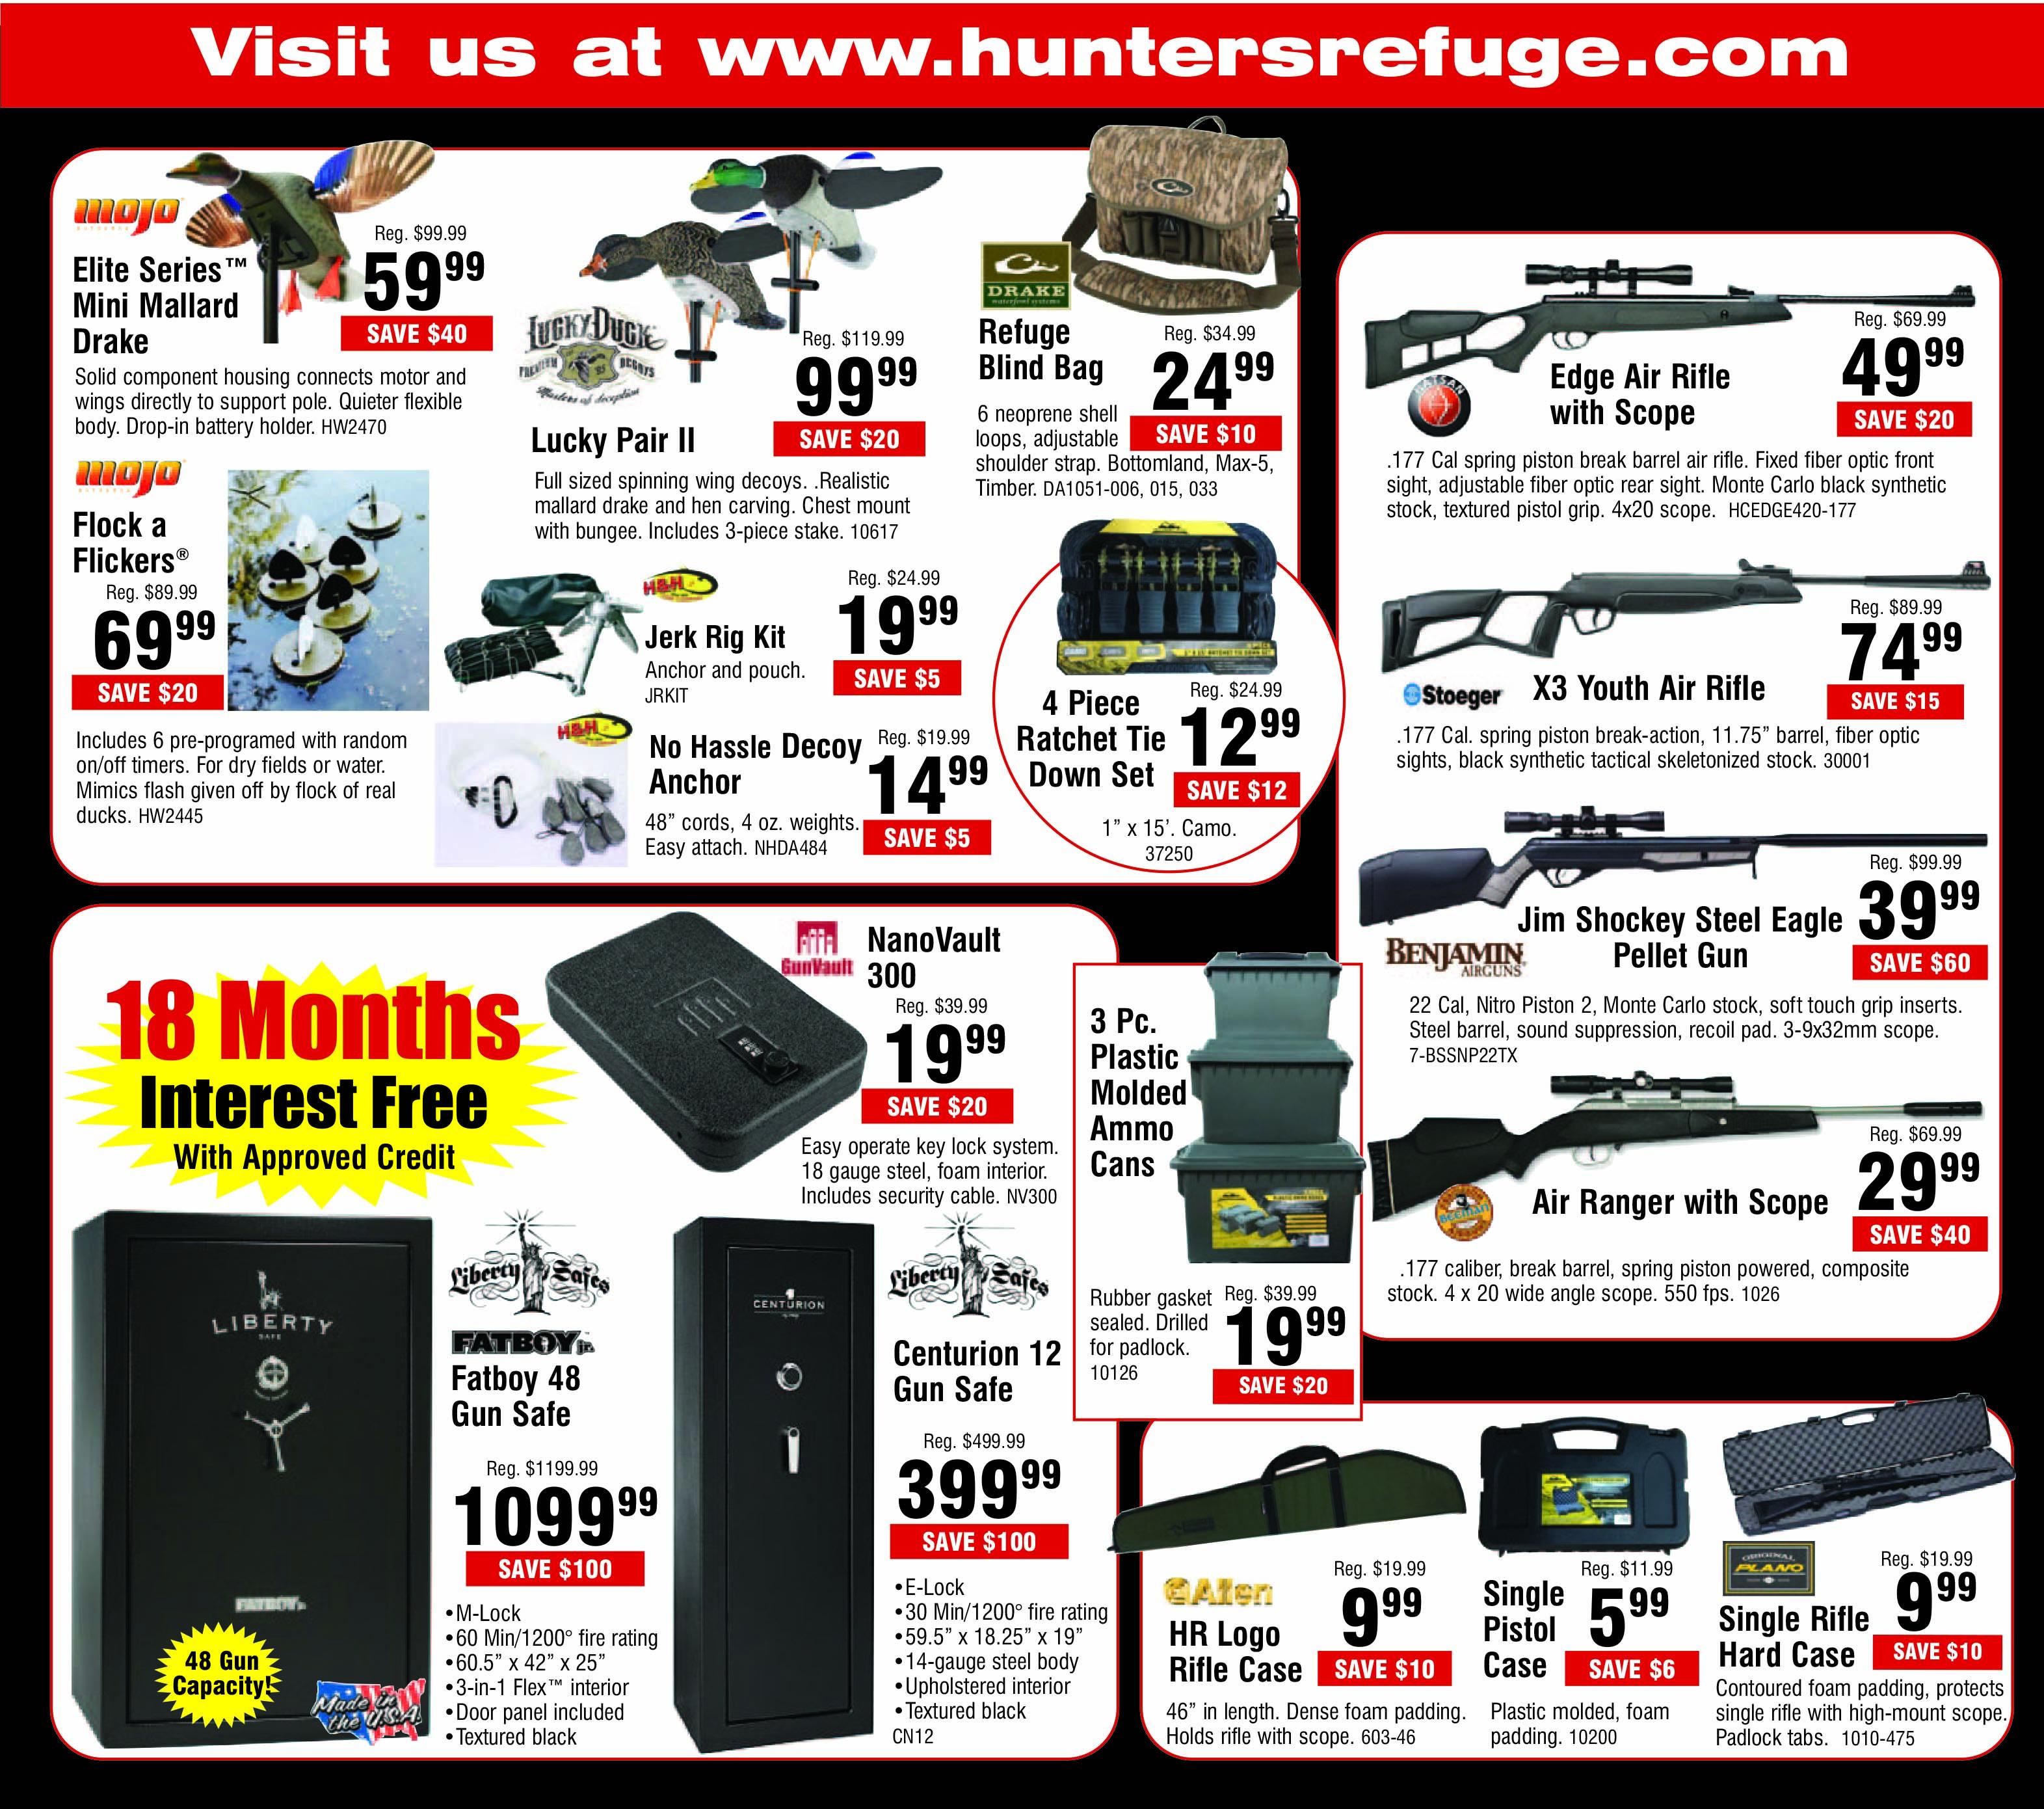 hunters-refuge-holiday-2019-for-flip-4.jpg